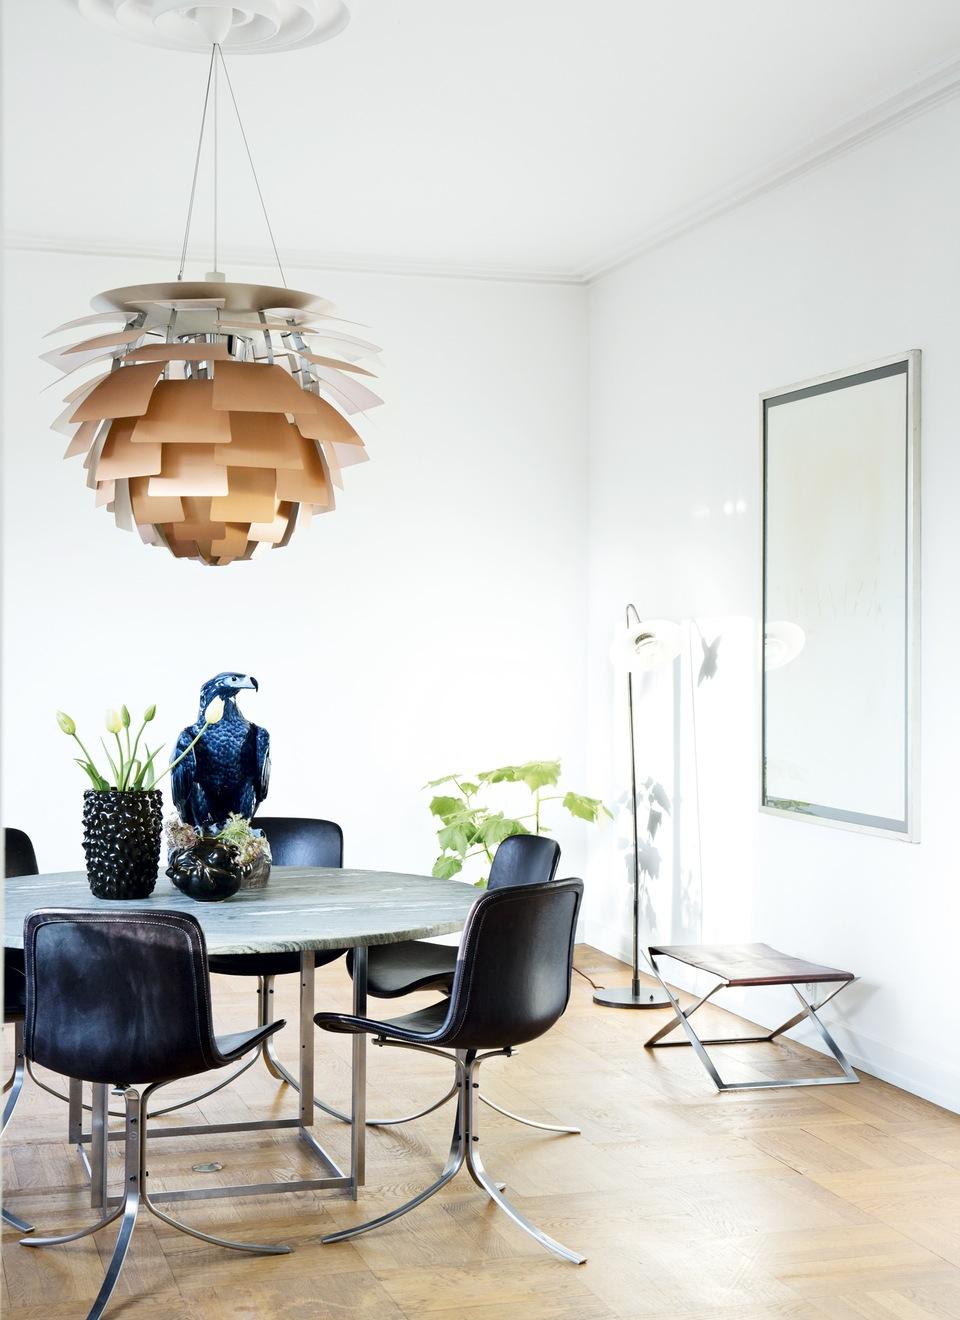 Muebles de dise o cl sicos blog tienda decoraci n estilo for Clasicos del diseno muebles